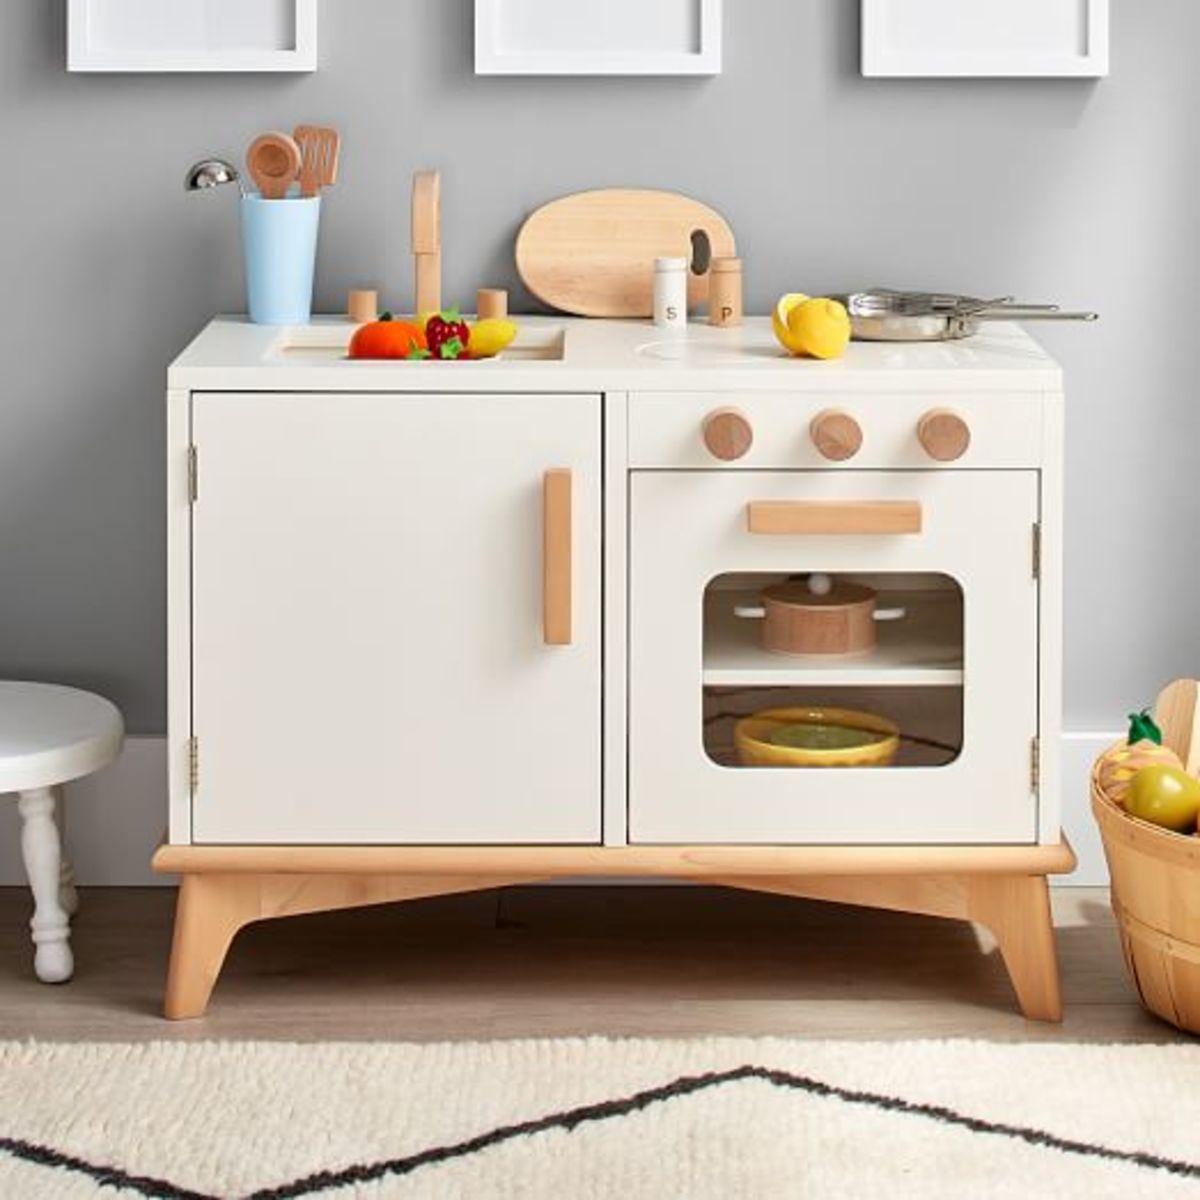 Best Mid Century Modern Play Kitchen